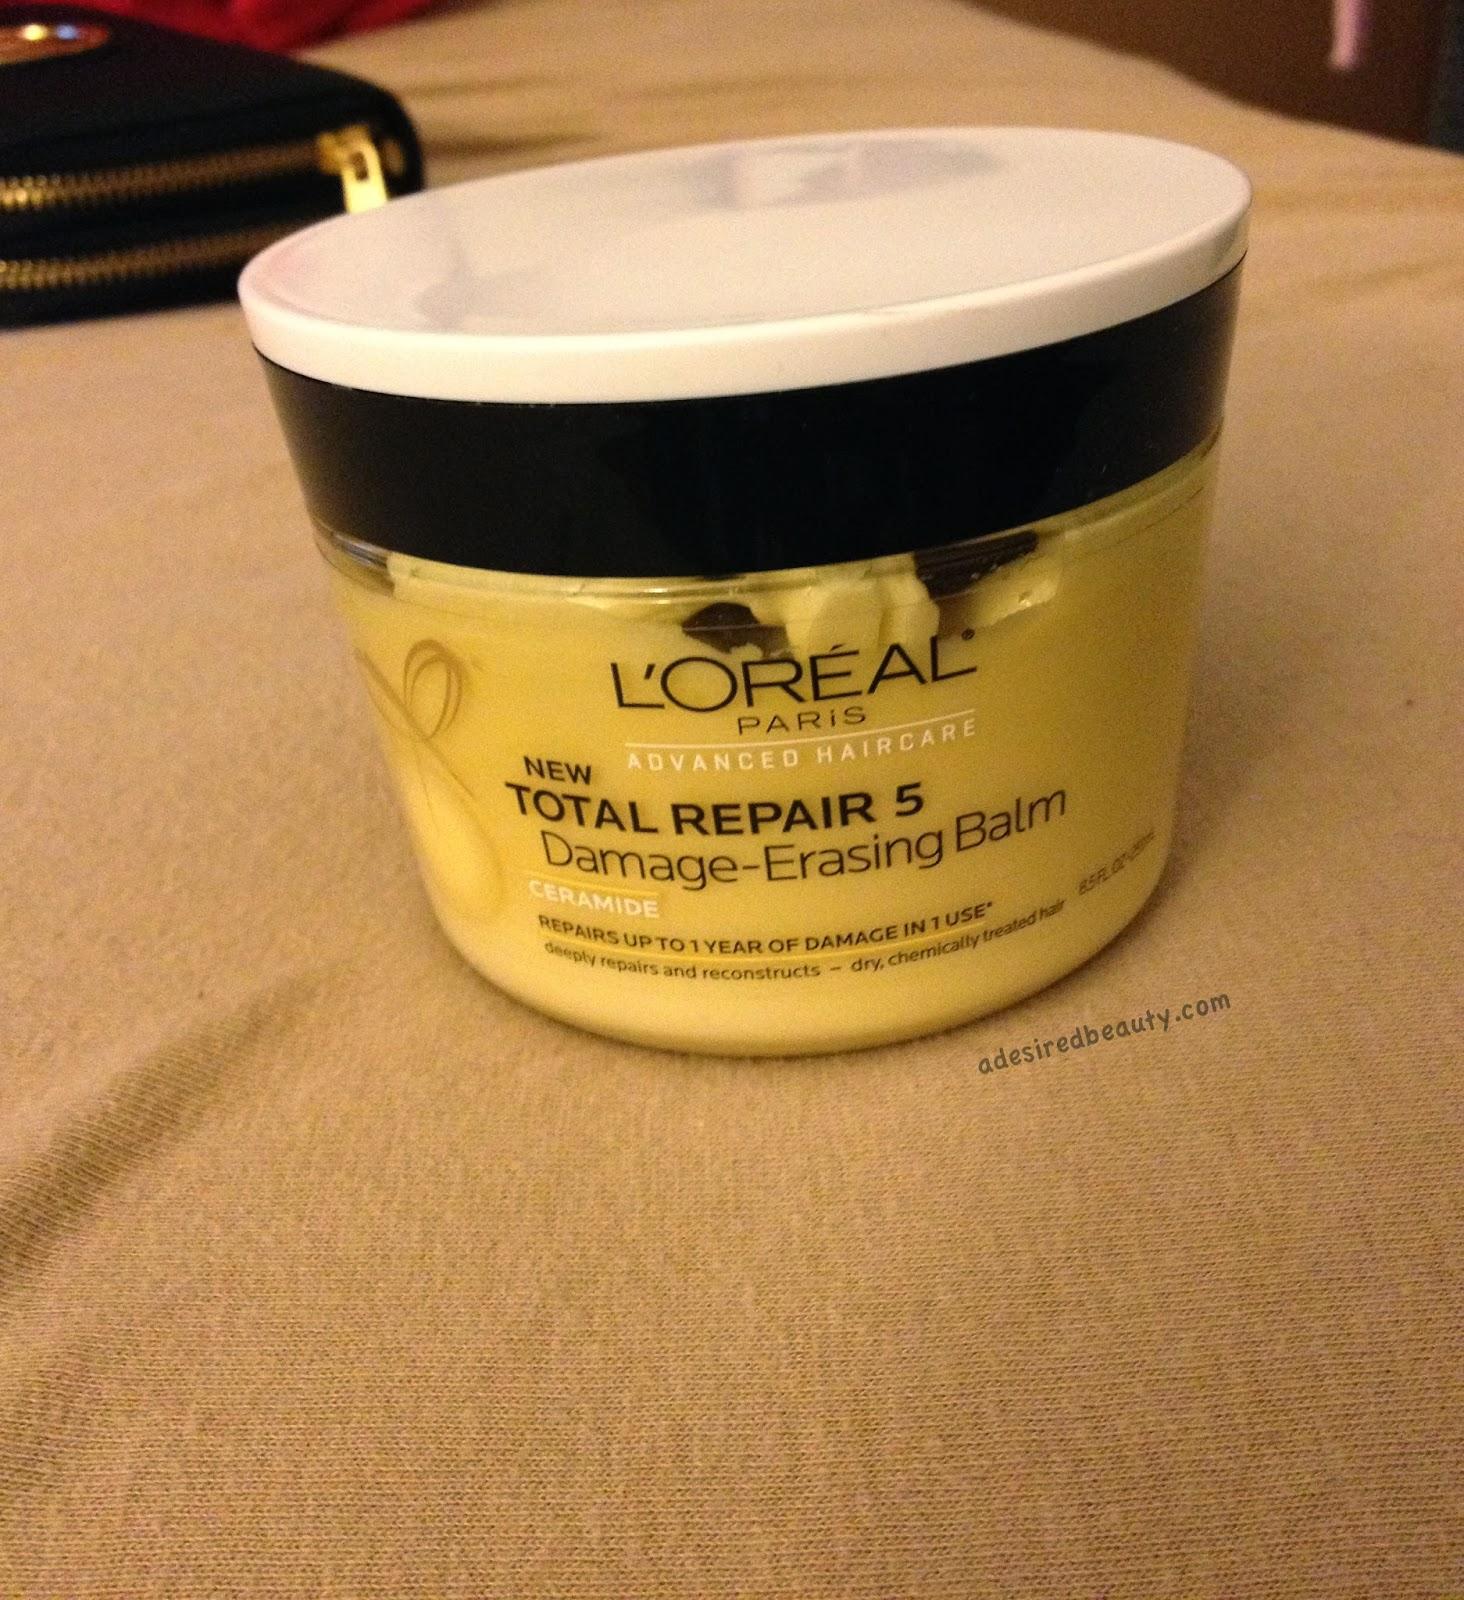 Product Review: L'Oreal Total Repair 5 Damage-Erasing Balm ...